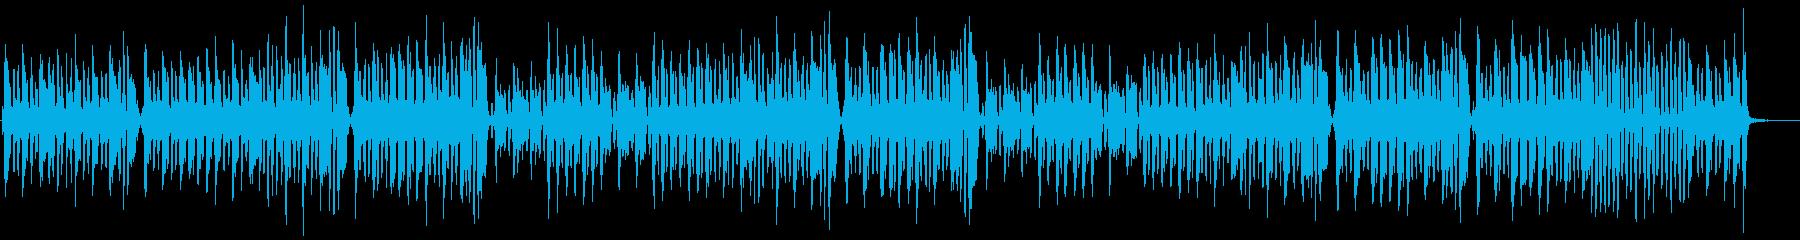 ゆるくて可愛い『トルコ行進曲』の再生済みの波形